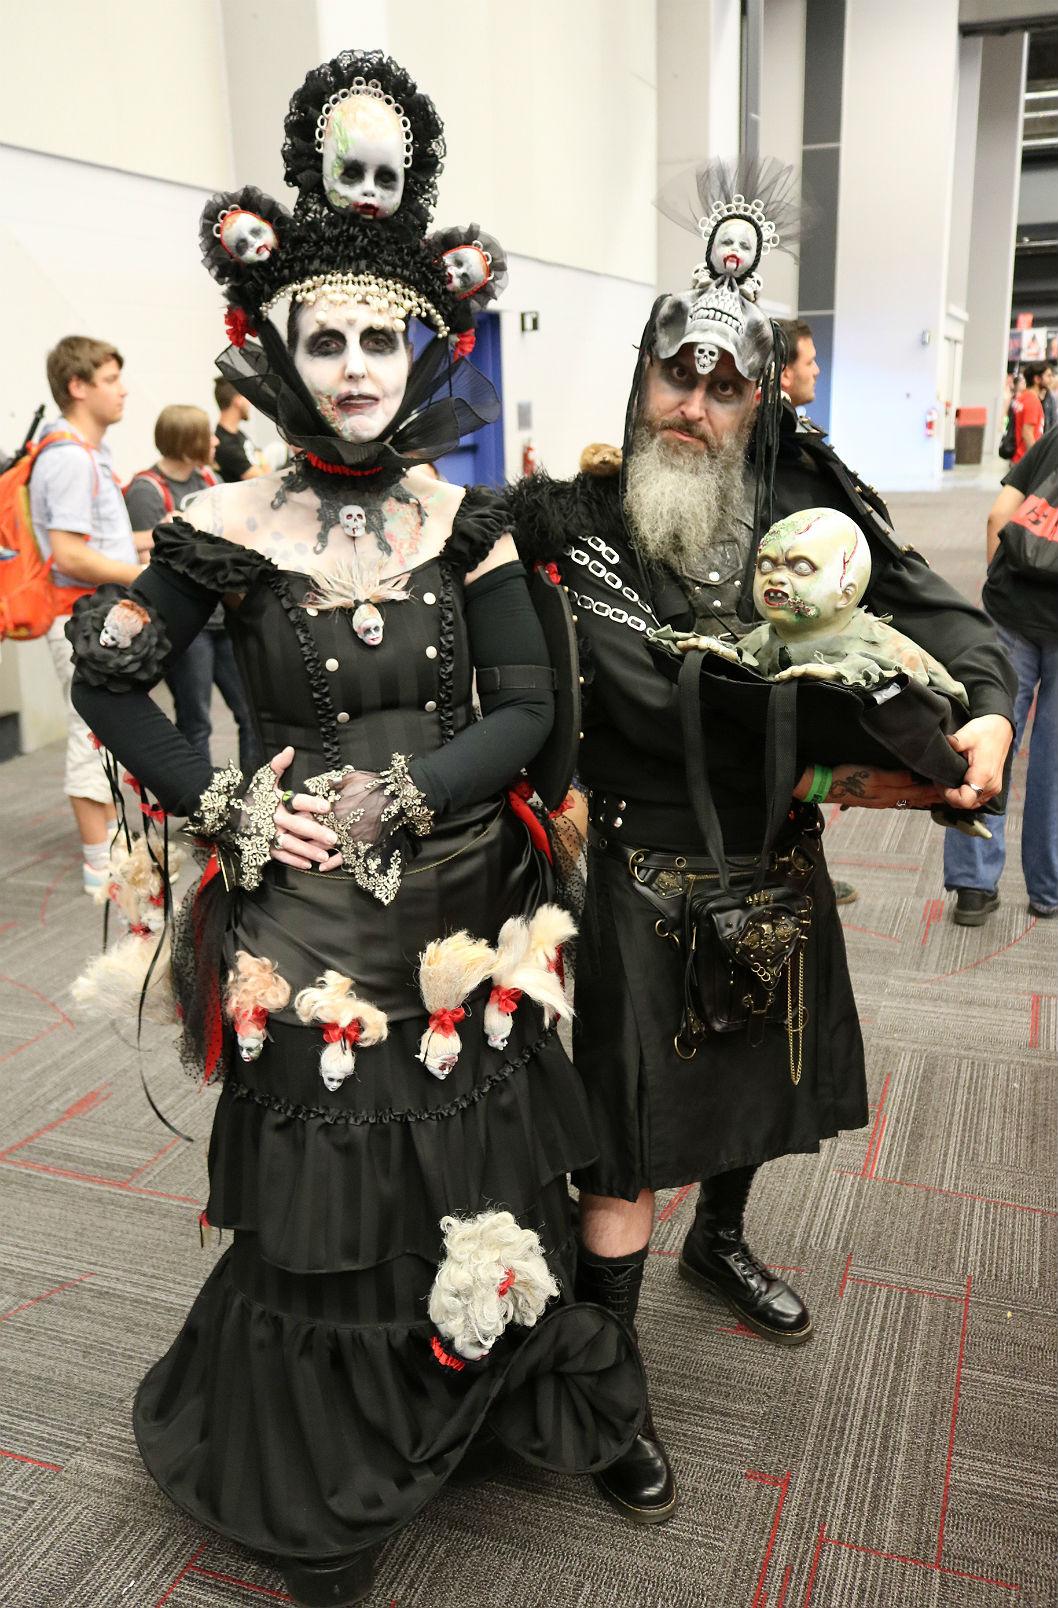 Comiccon couple